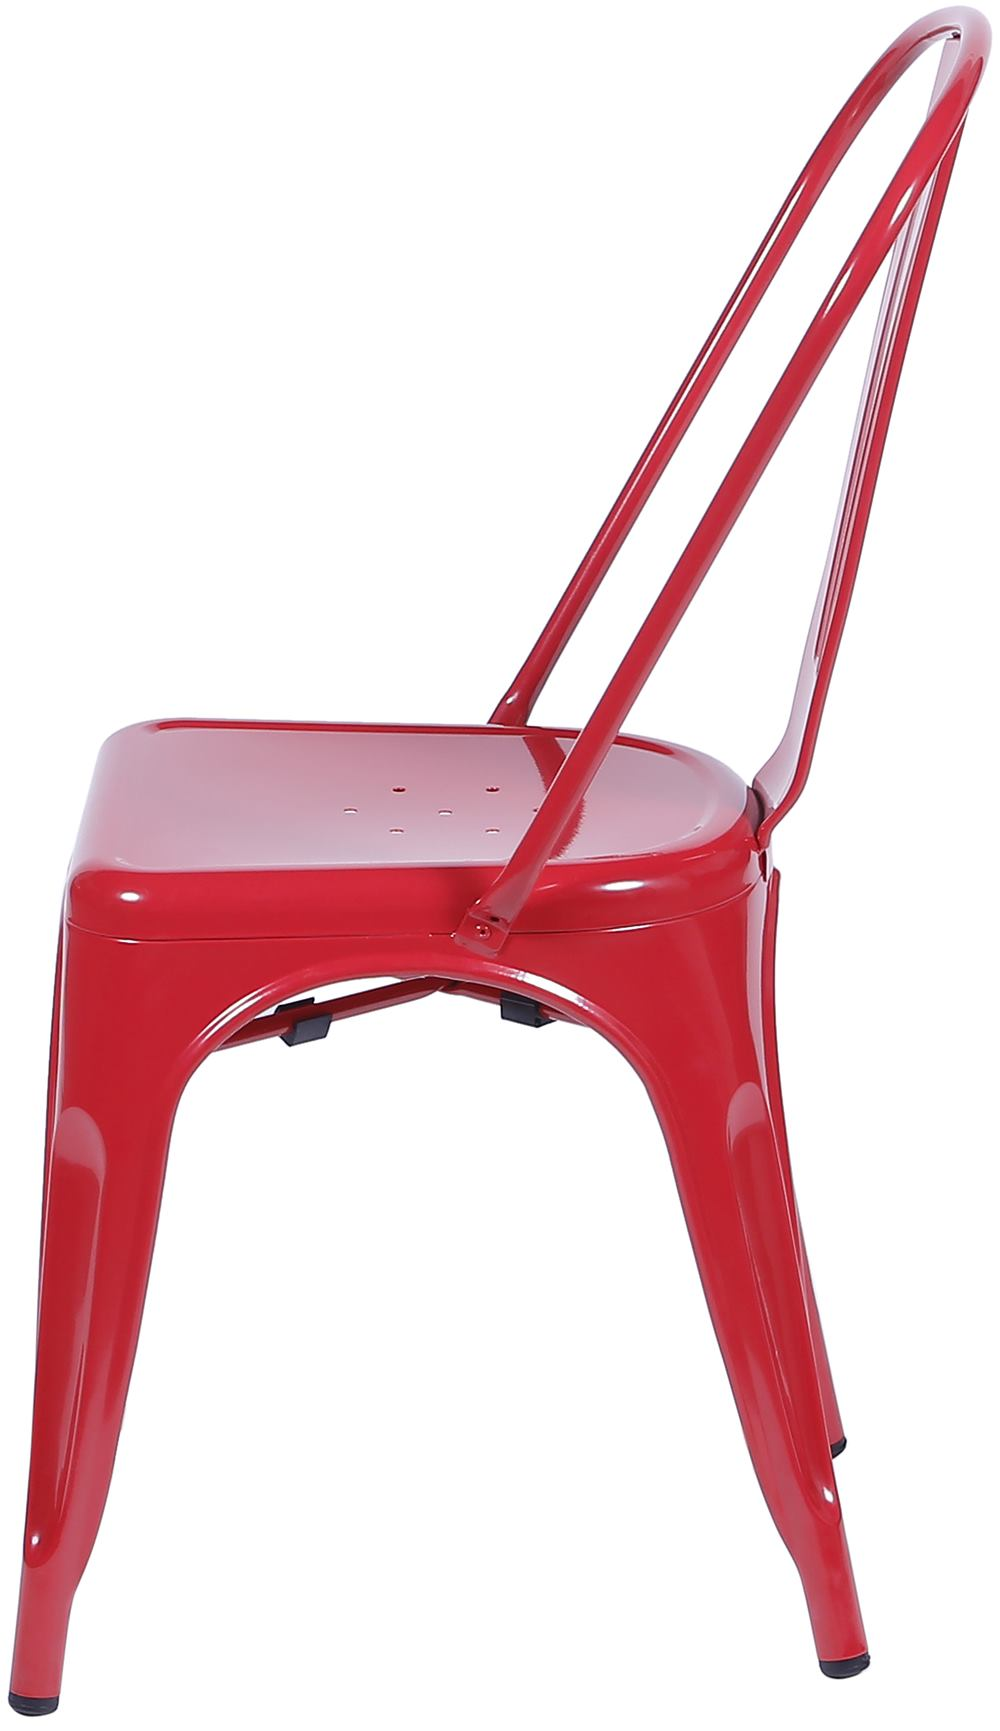 Cadeira Iron Vermelha - 24865